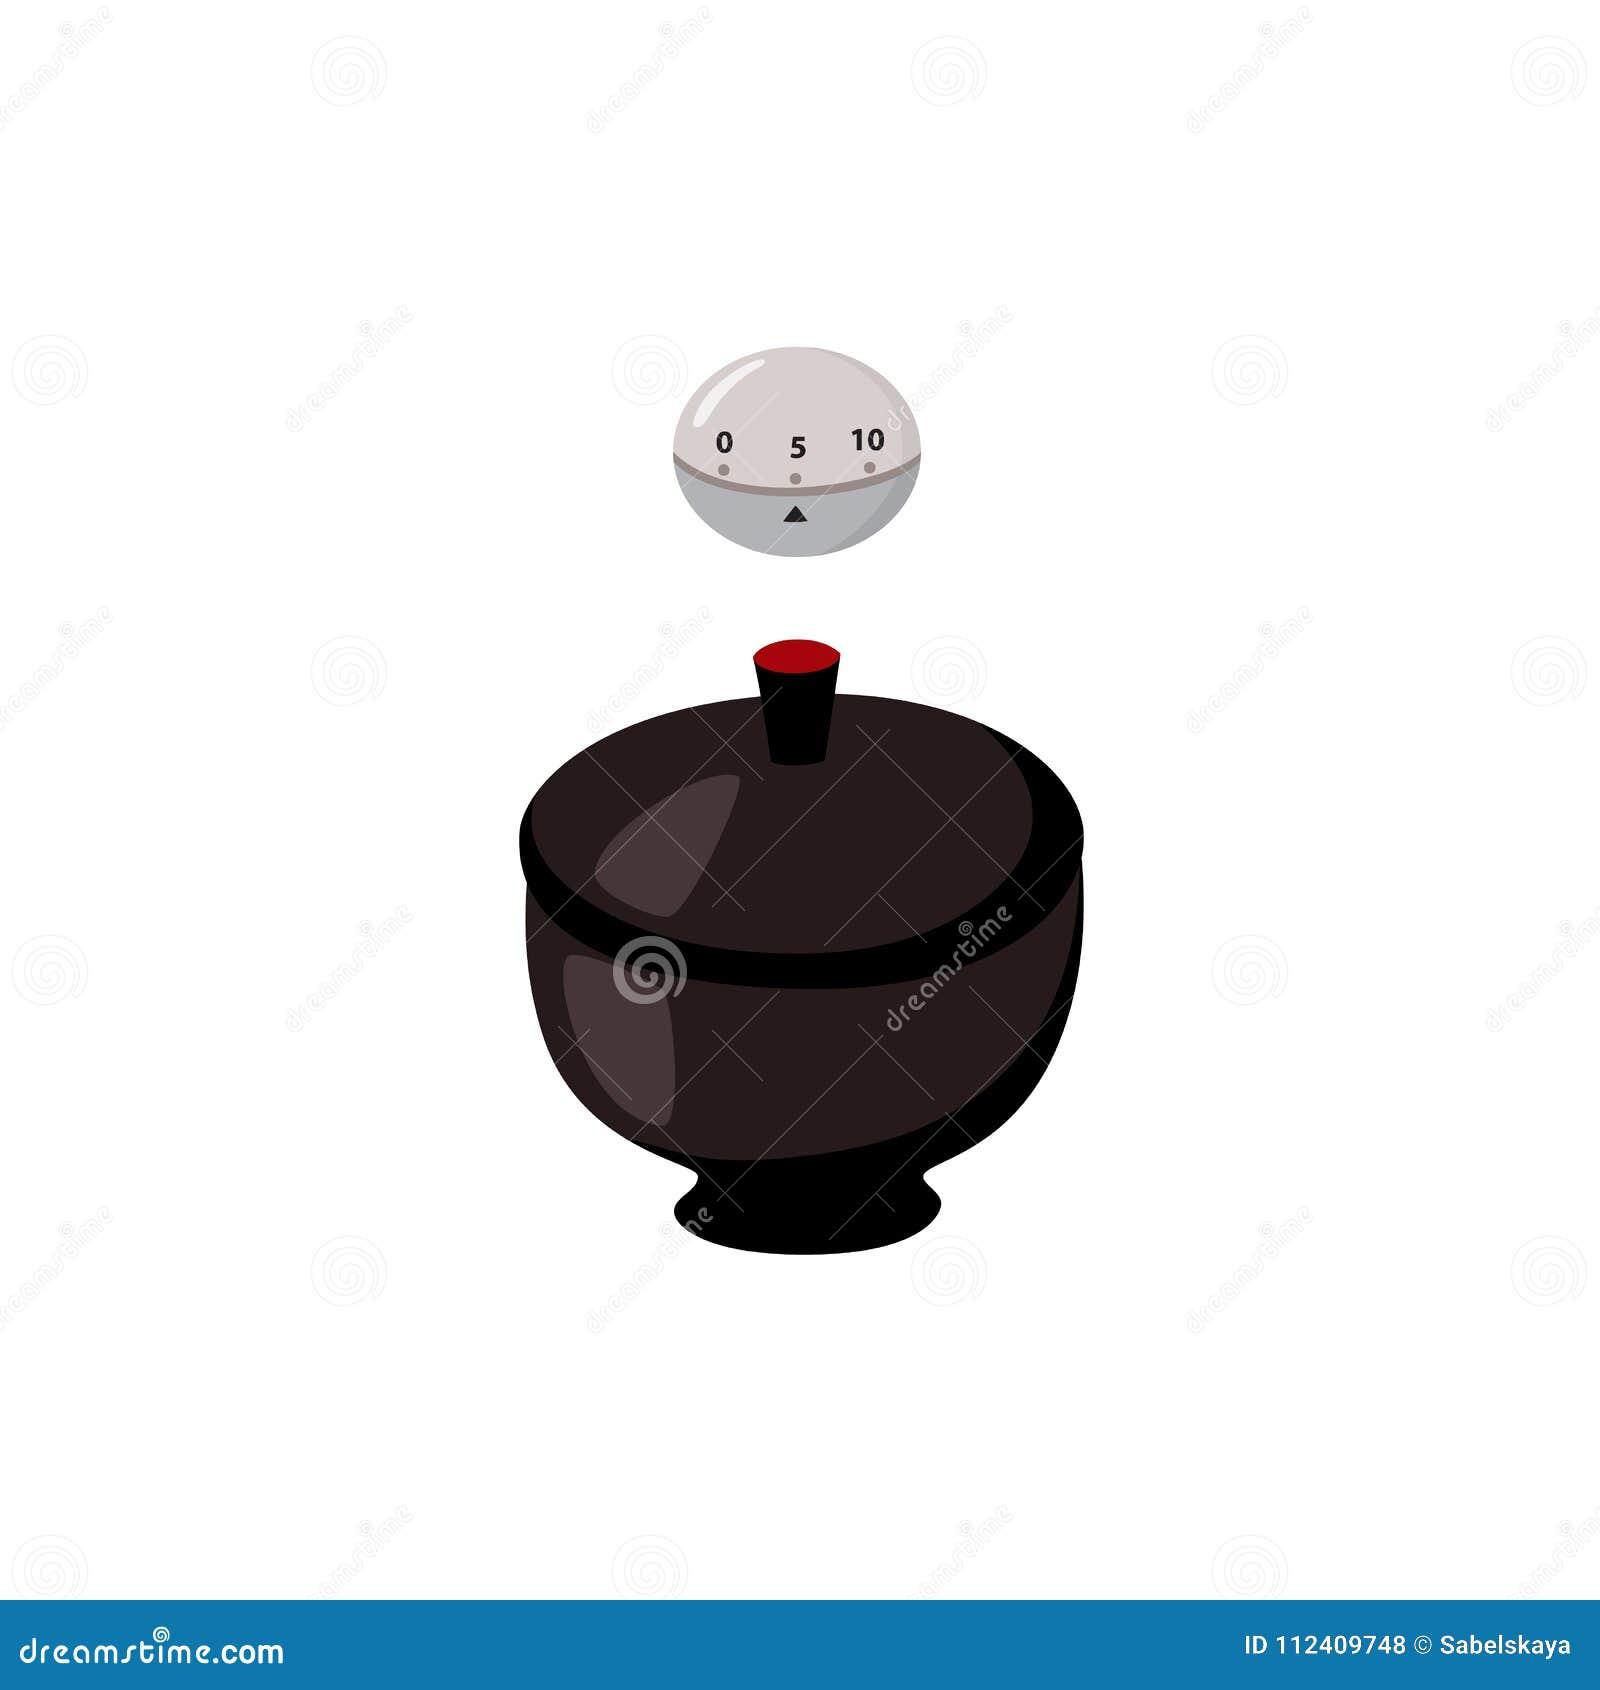 Kulinarna instrukcja dlaczego przygotowywać fast food z zamkniętym pucharem i kuchnia zegarem